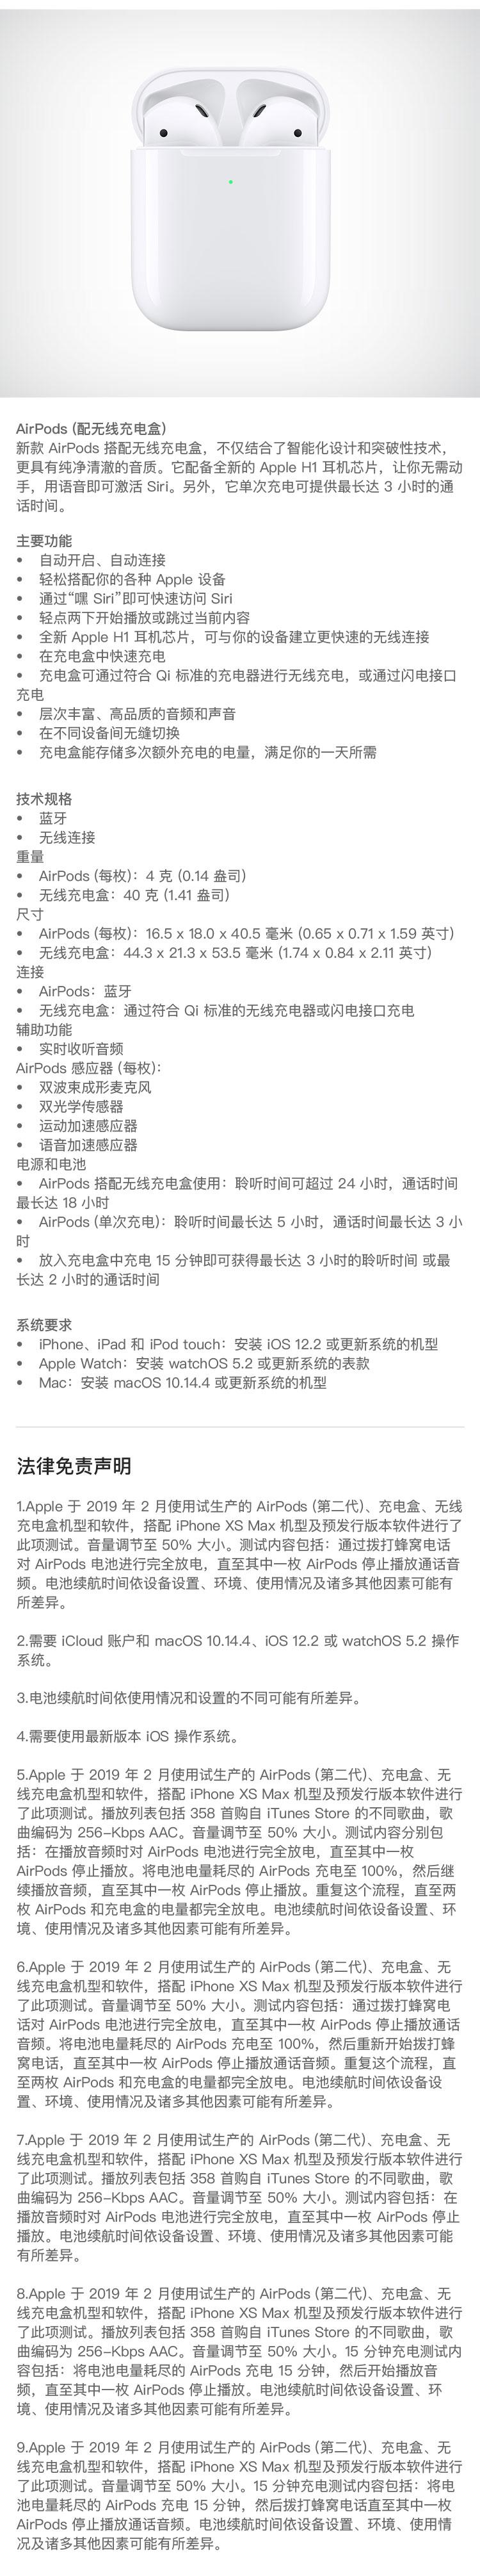 Apple AirPods 配无线充电盒 Apple蓝牙耳机 适用iPhone/iPad/Apple Watch